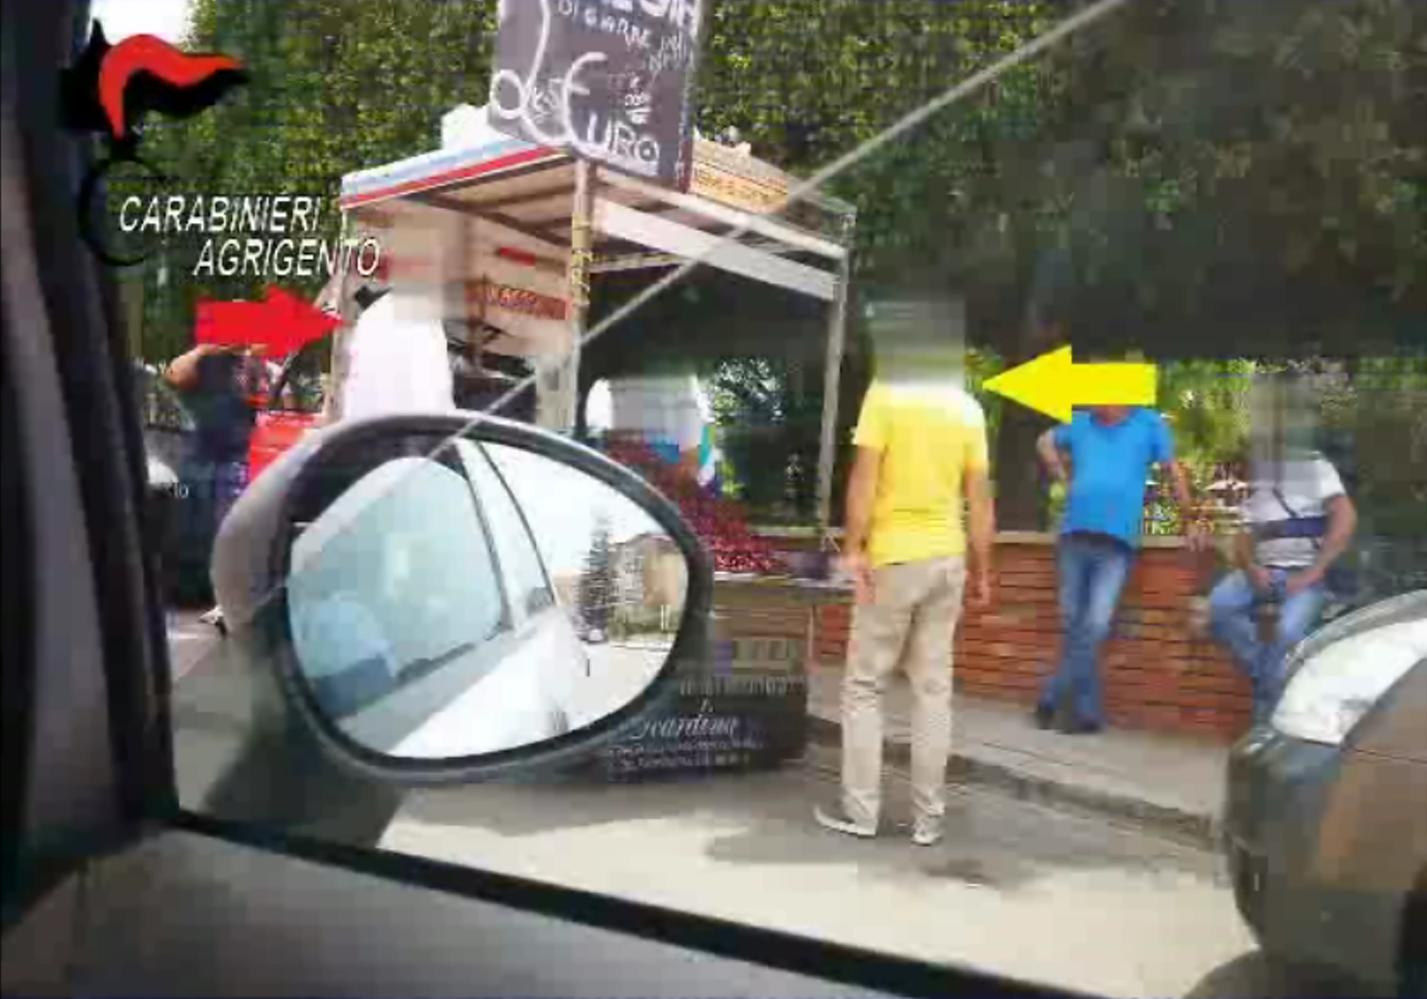 Assenteismo a Cianciana, a far spese durante l'orario di lavoro: nei guai 7 comunali